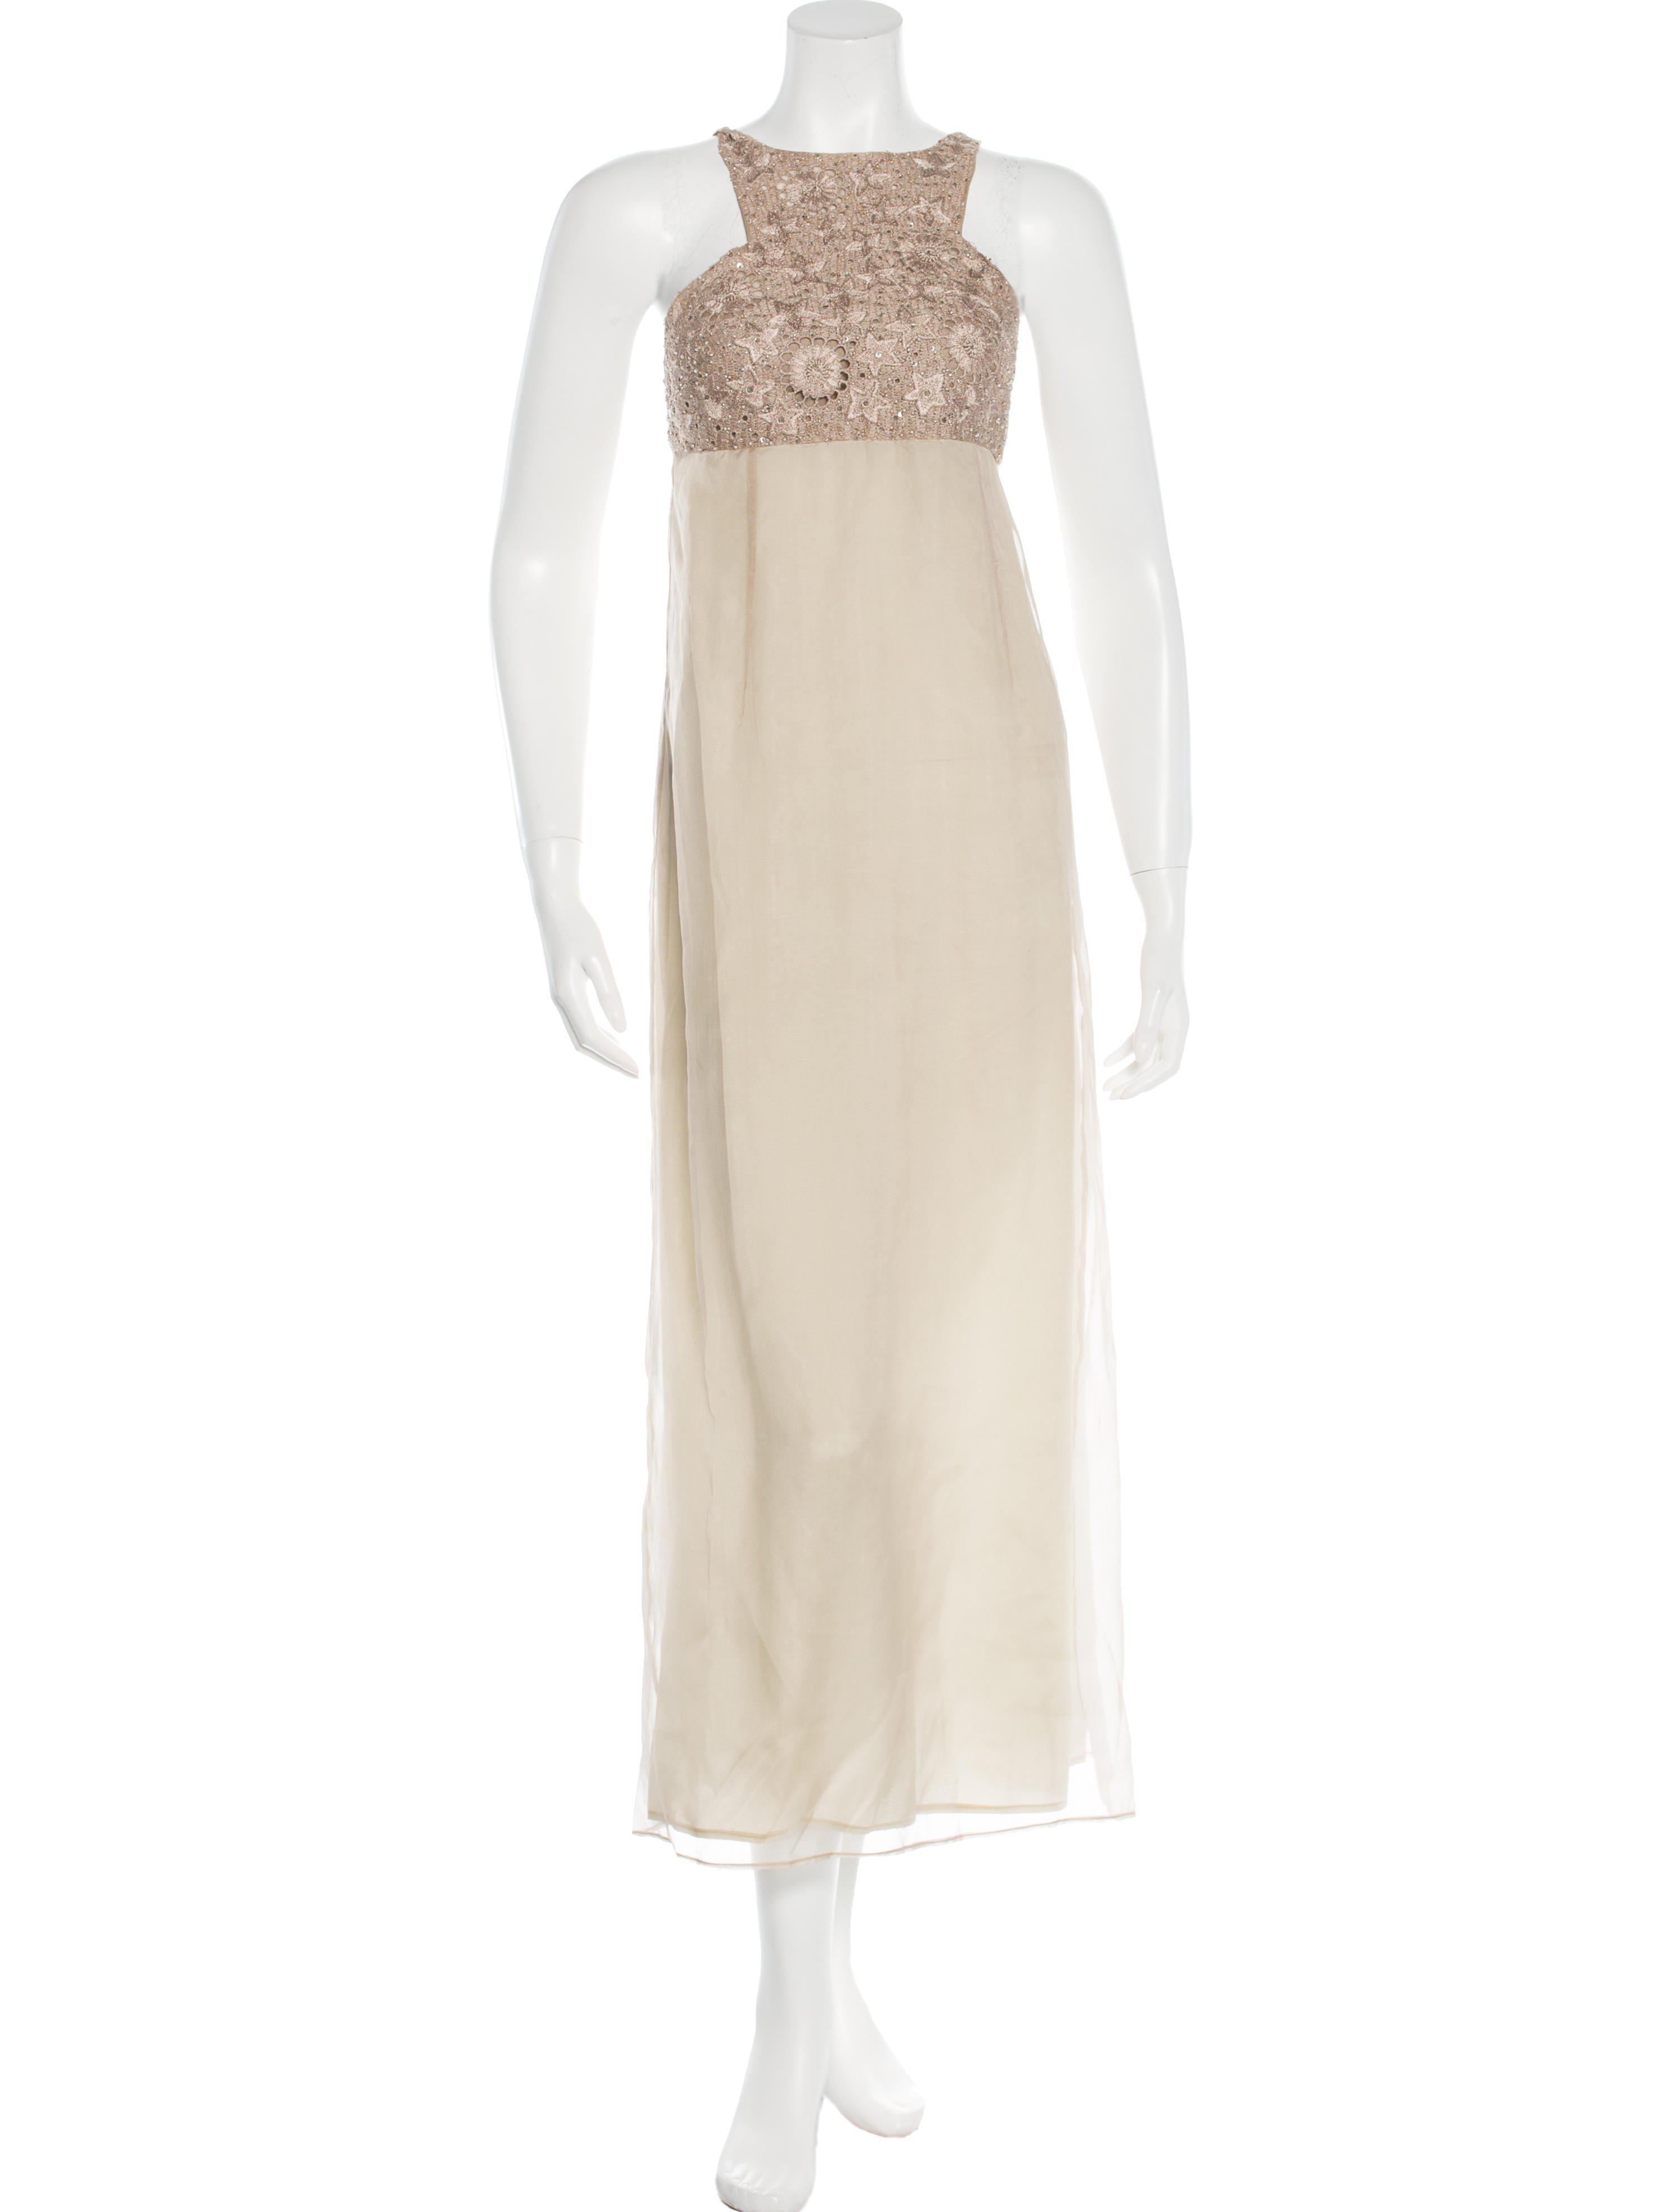 Lyst - Alberta Ferretti Embellished Evening Dress Tan in Natural